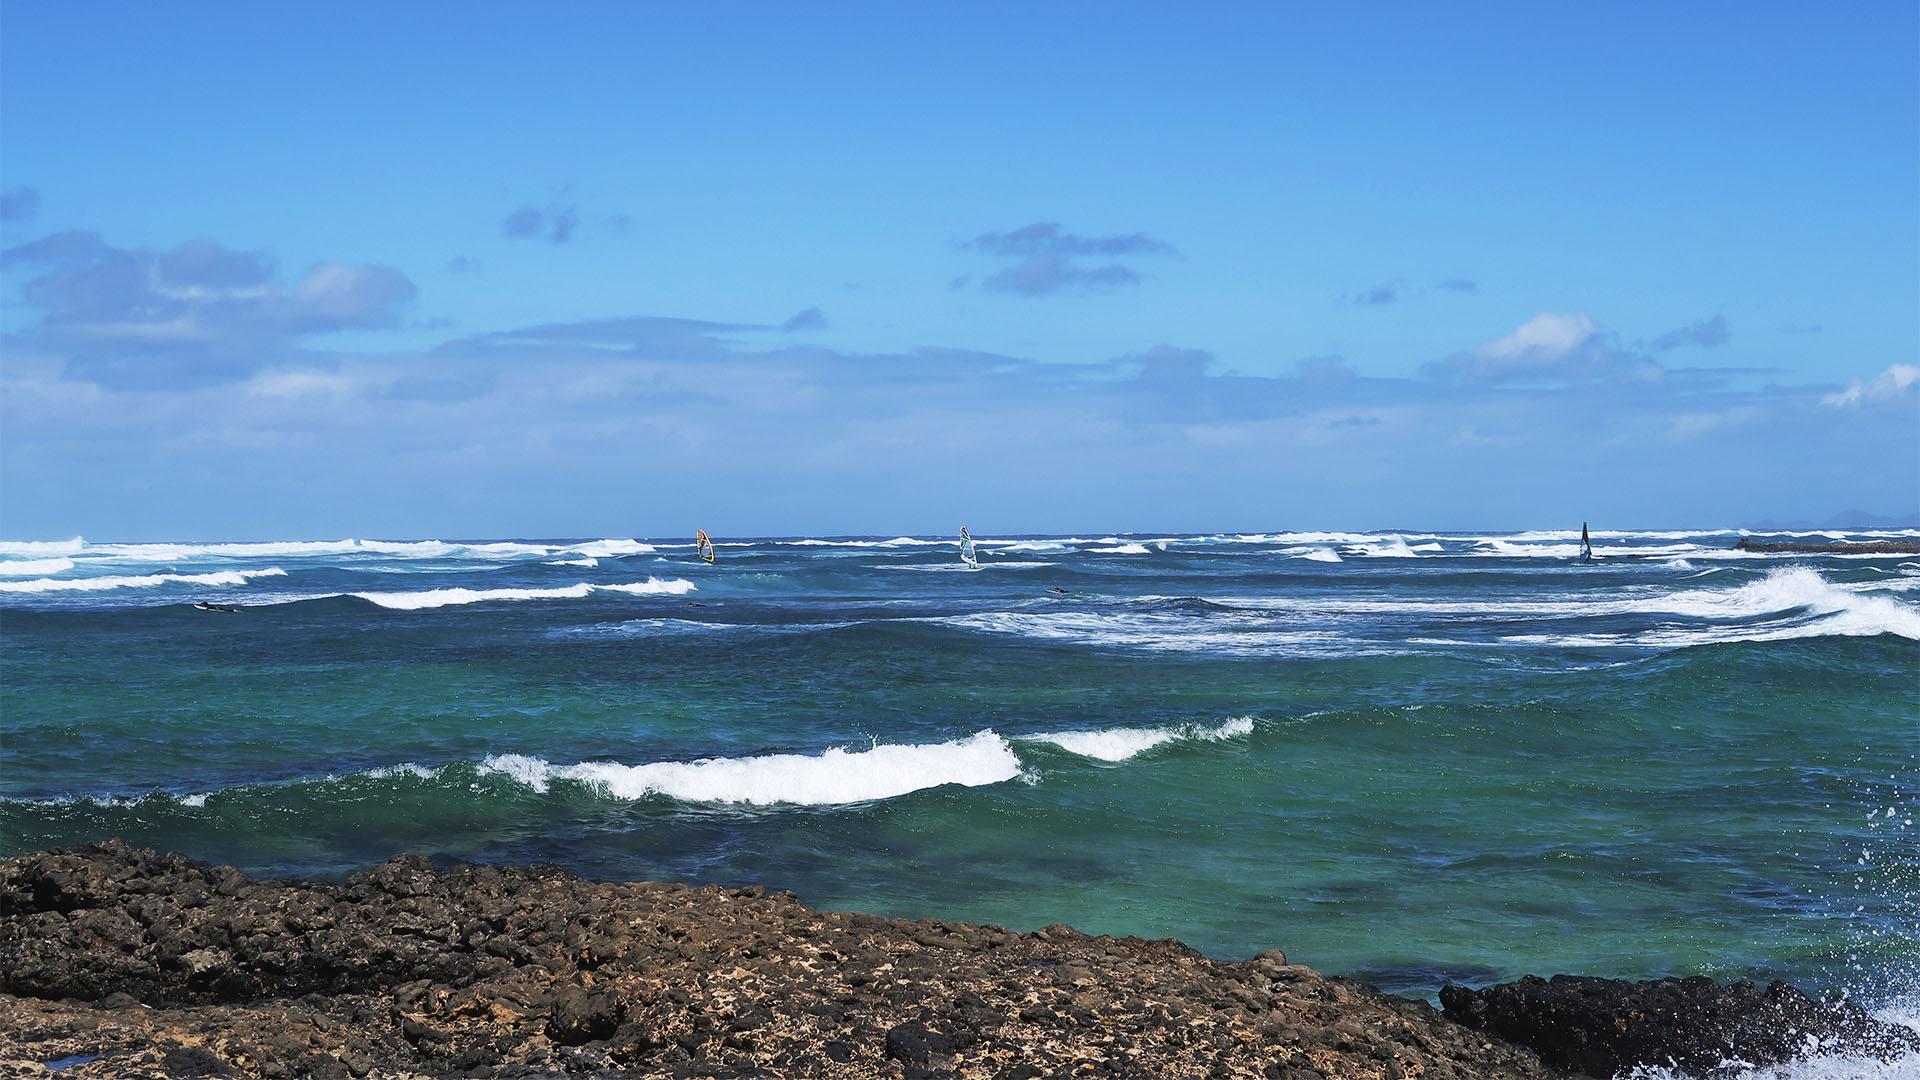 Die Strände im Norden von Fuerteventura – Northshore Caleta de María Diaz.